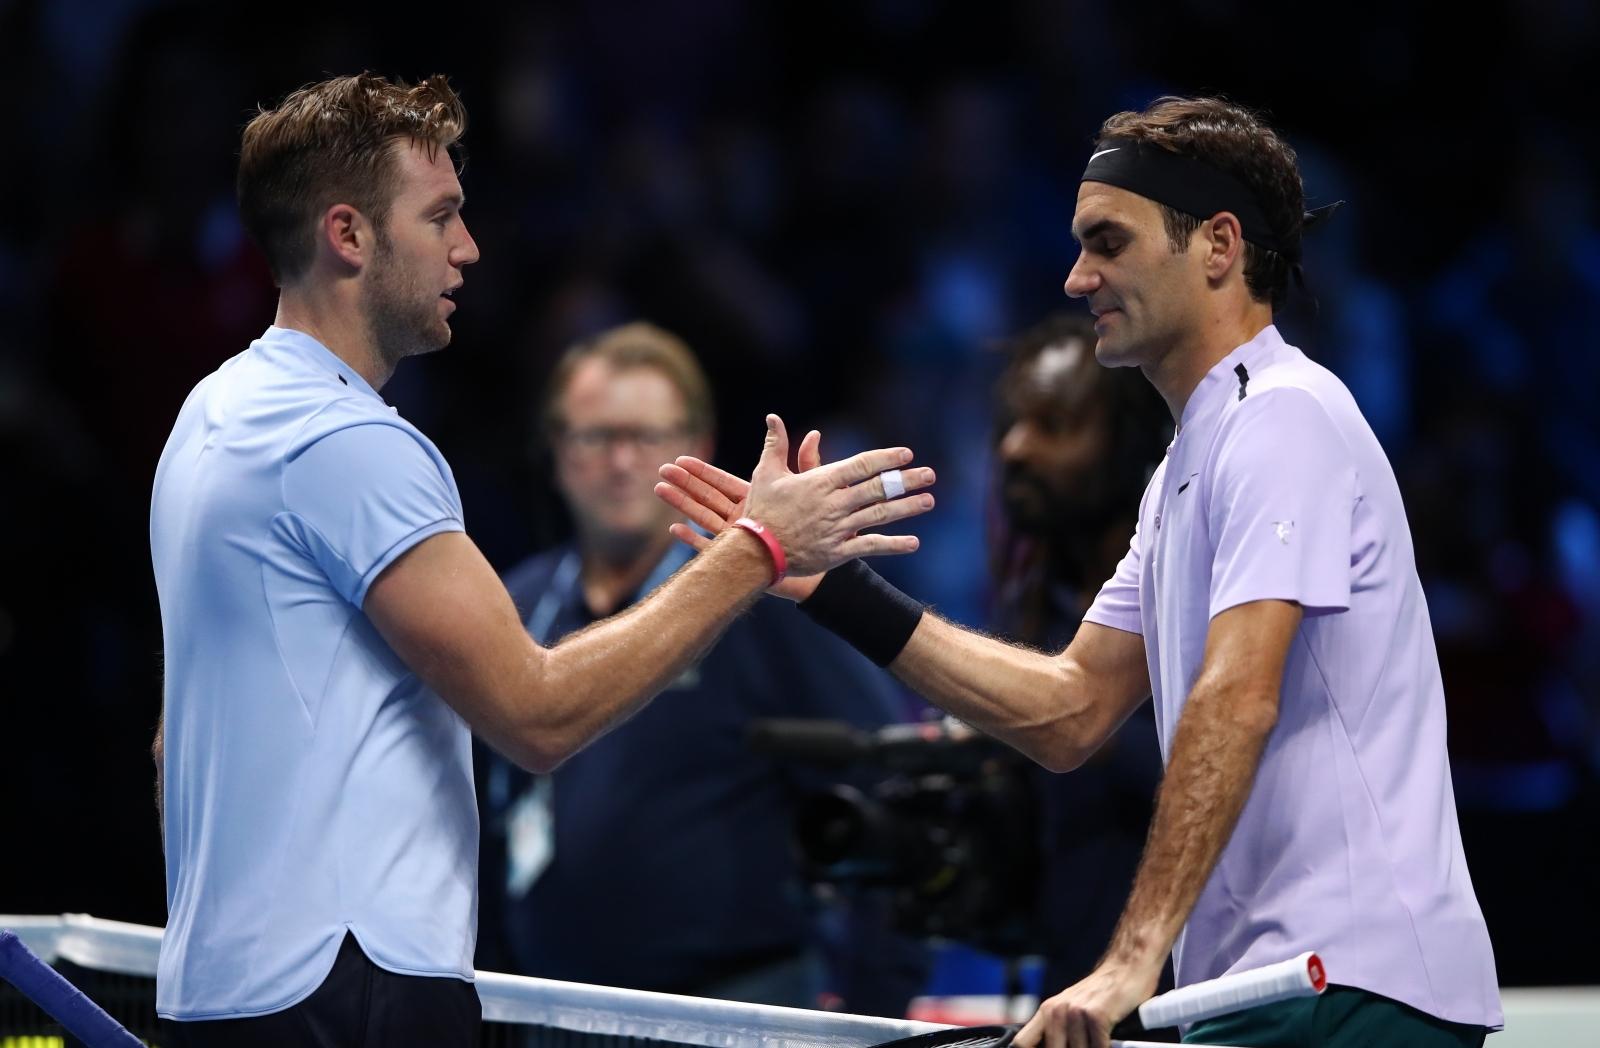 Jack Sock and Roger Federer